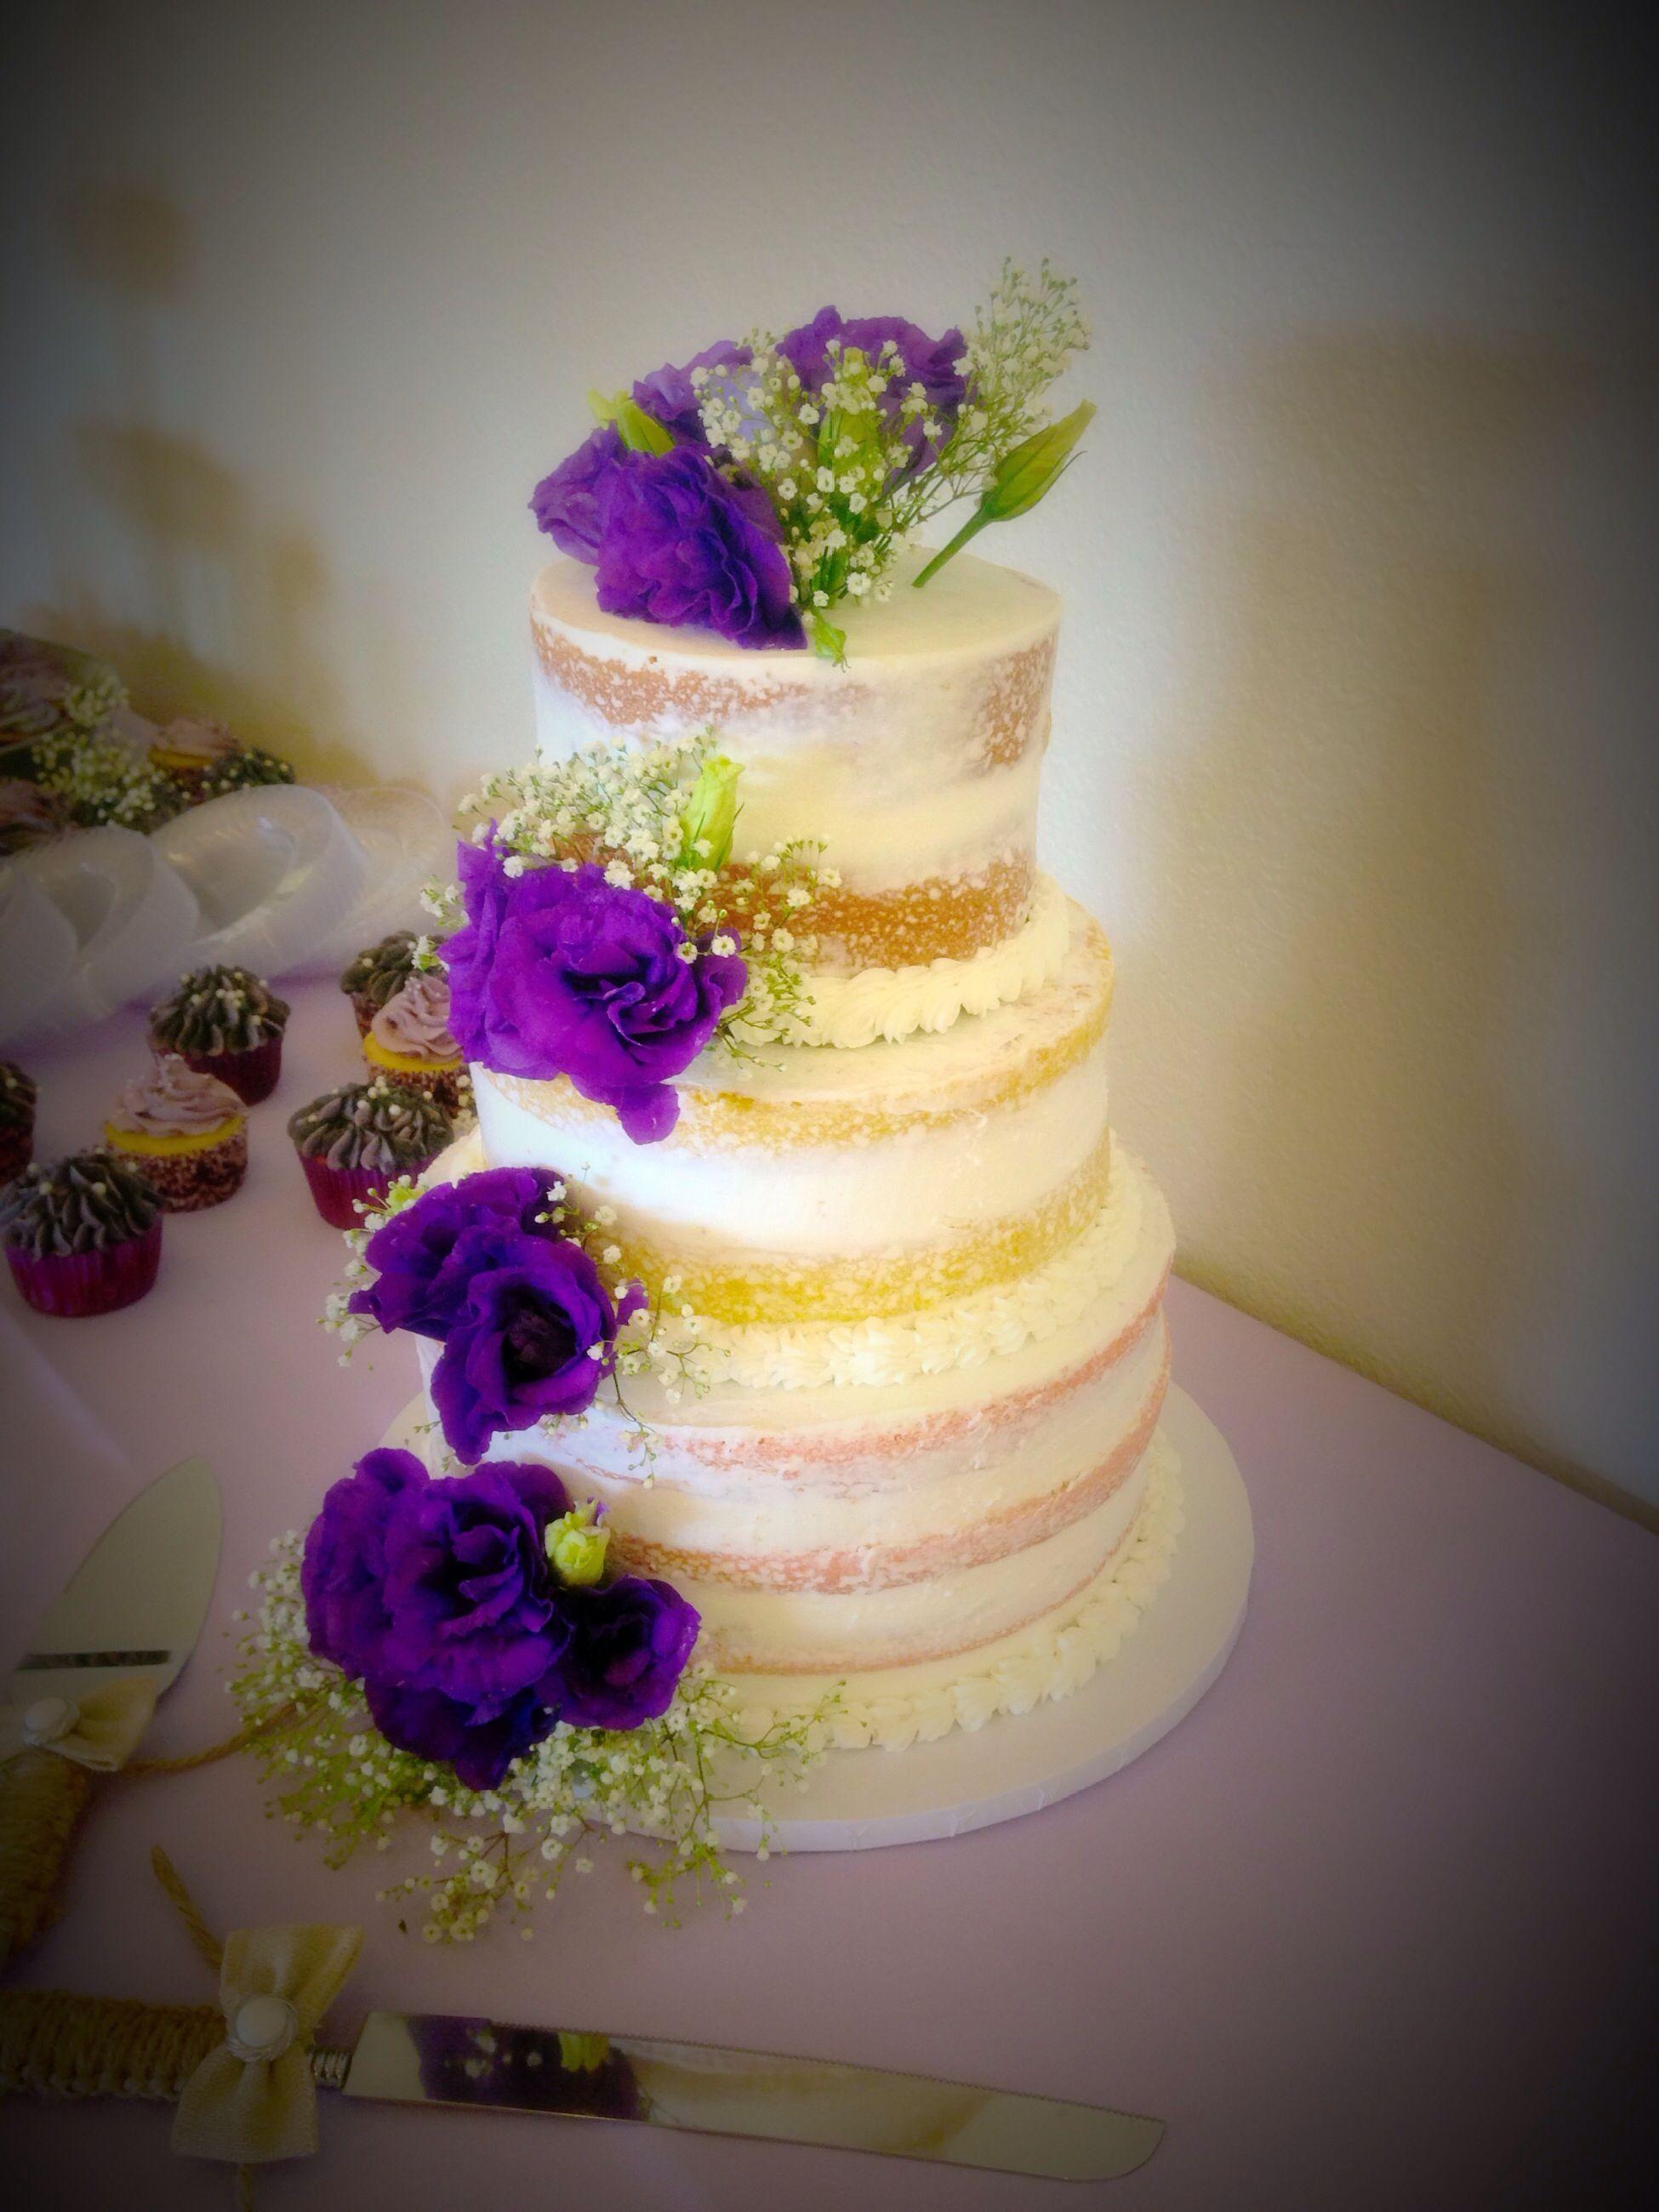 Naked wedding cake with fresh flowers #finishingtouchesbyliz #purple ...